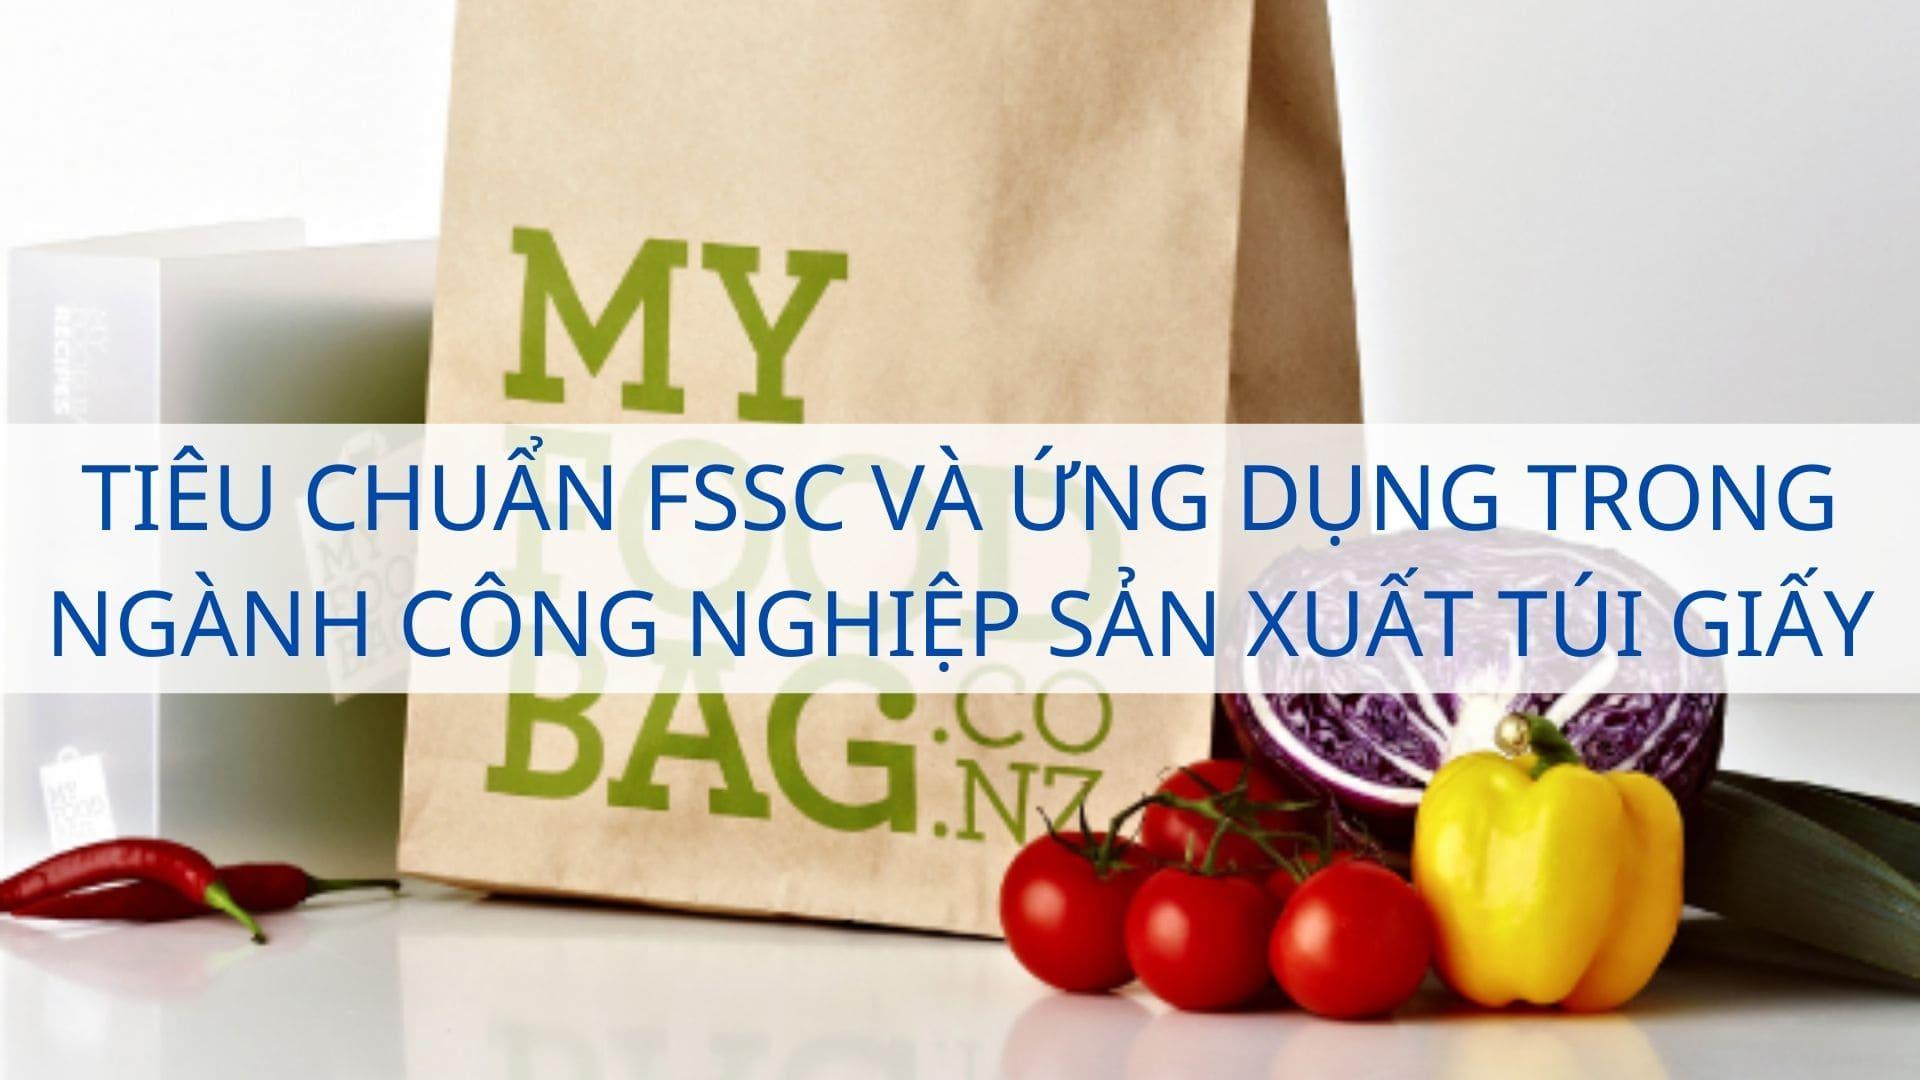 Tiêu chuẩn FSSC và ứng dụng trong ngành công nghiệp sản xuất túi giấy